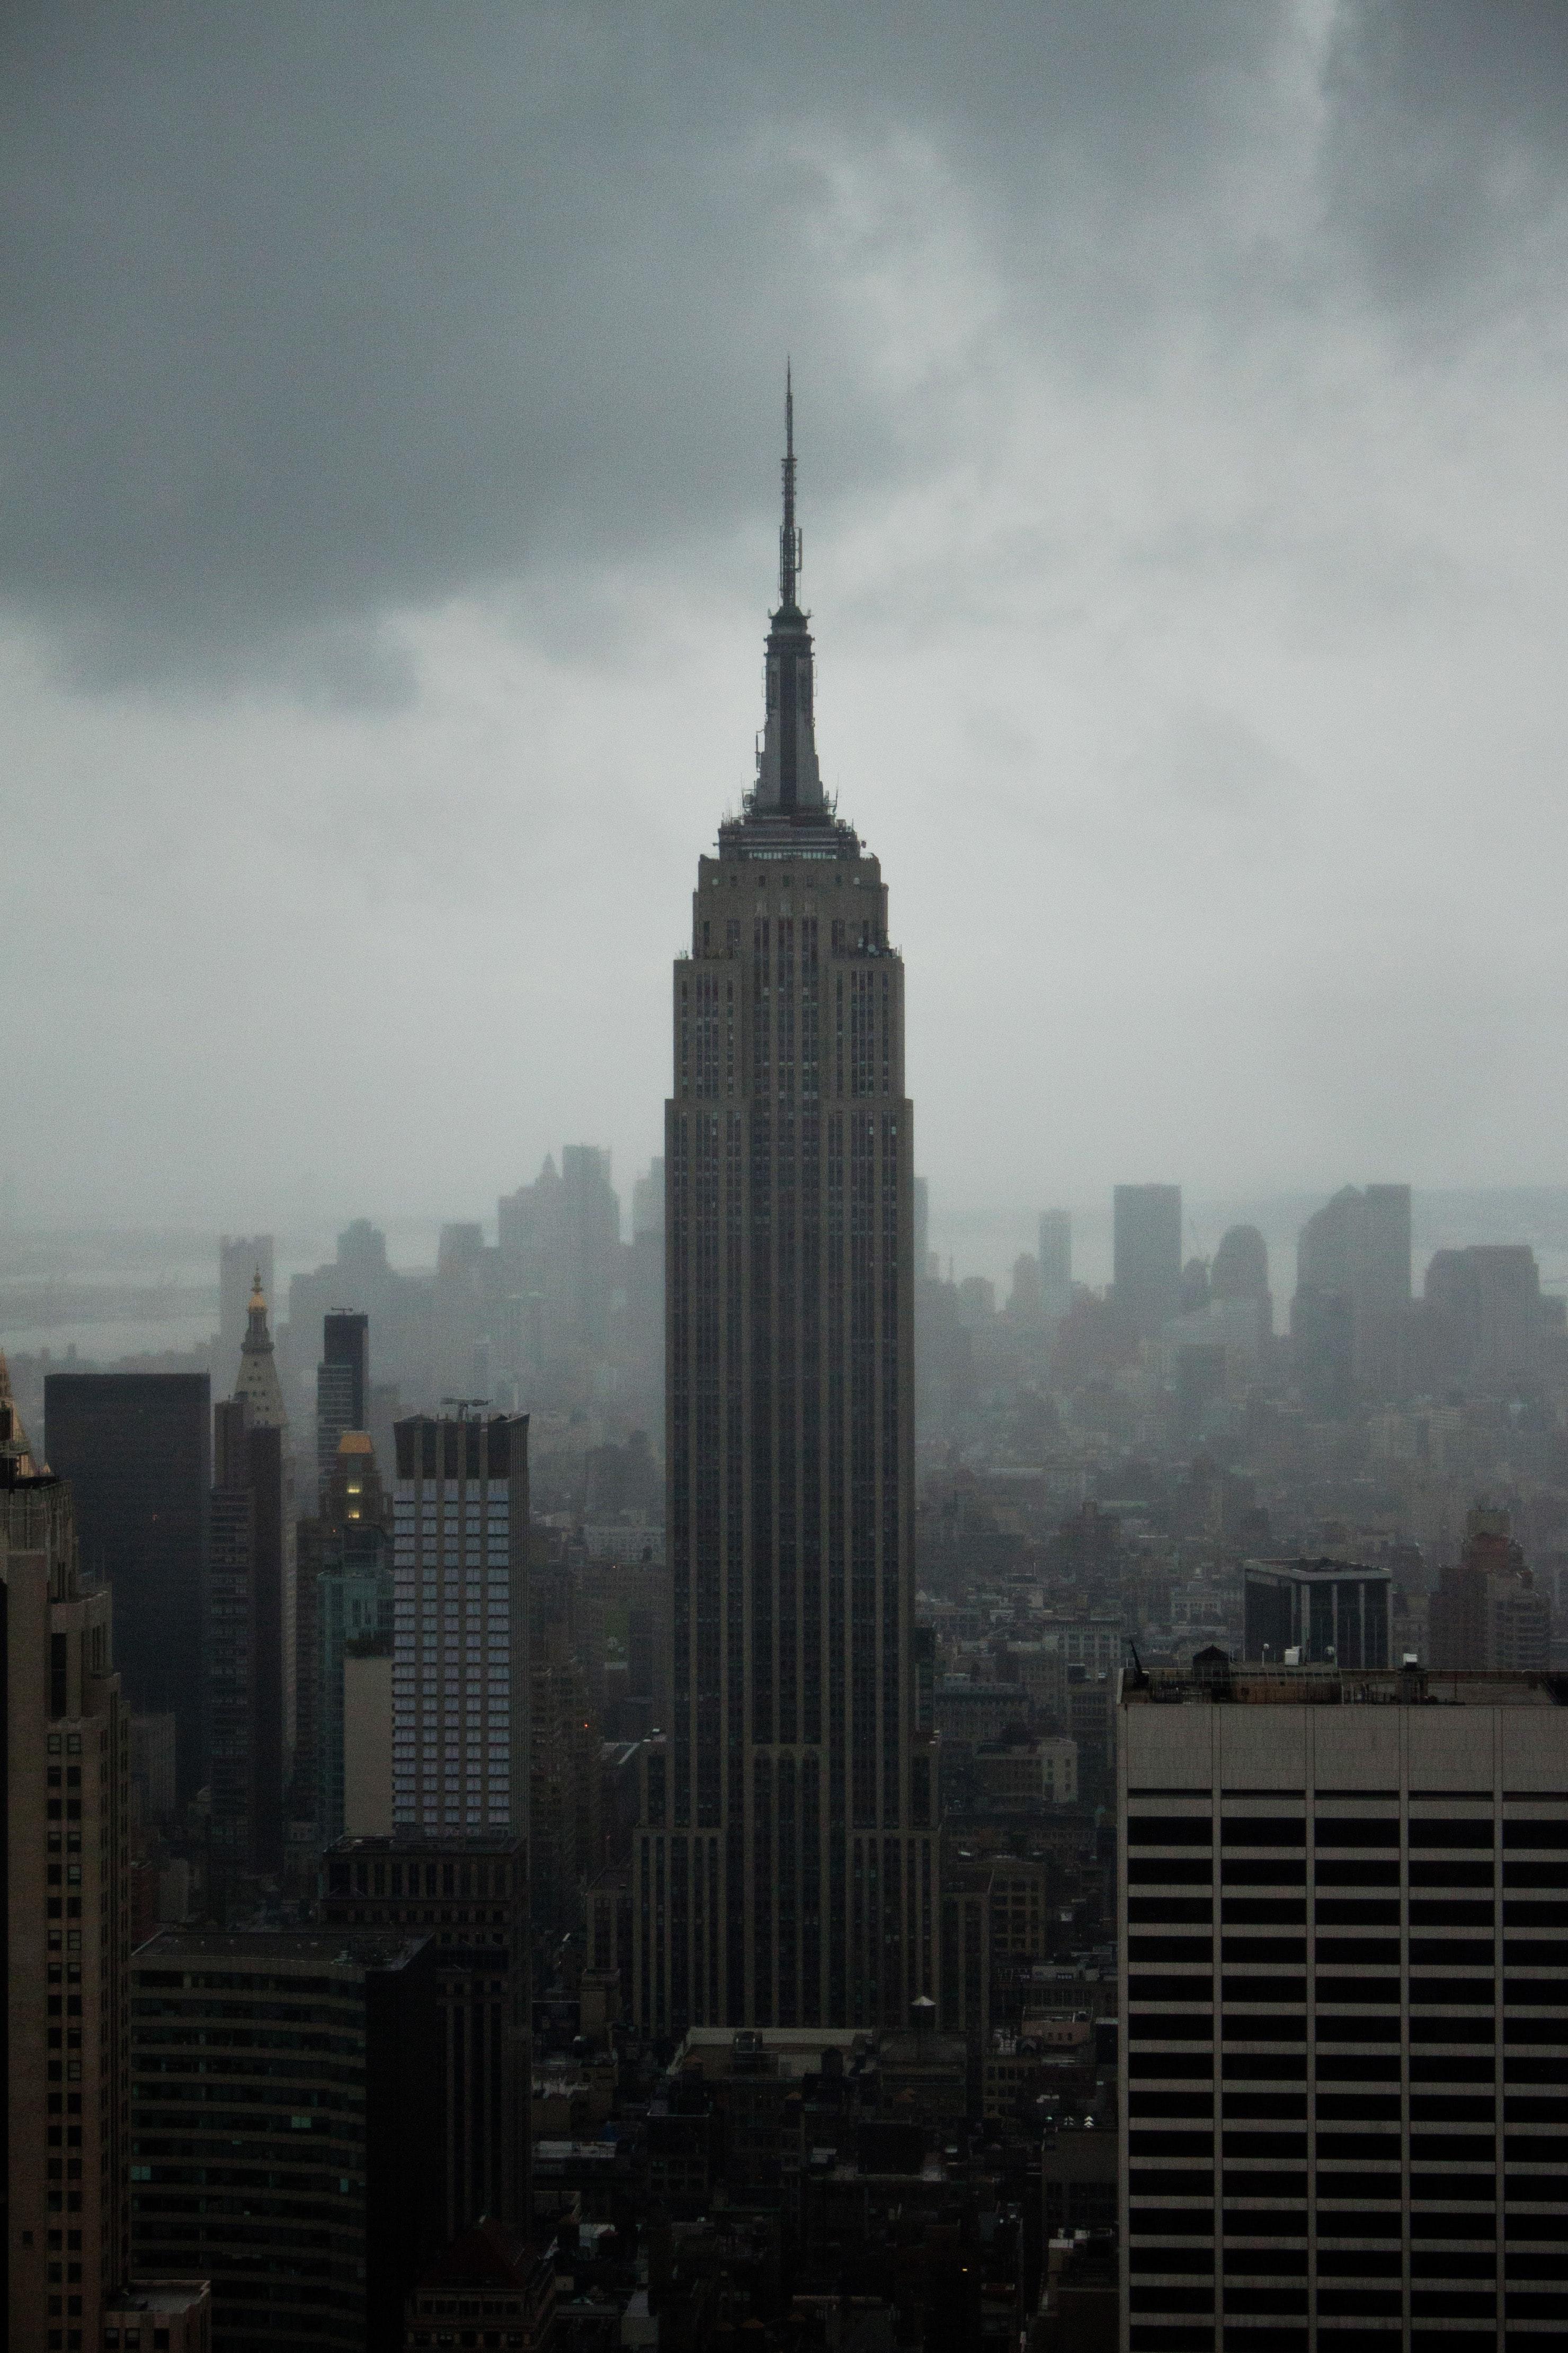 84152壁紙のダウンロードタワー, 塔, 建物, 市, 都市, 上から見る, 霧-スクリーンセーバーと写真を無料で